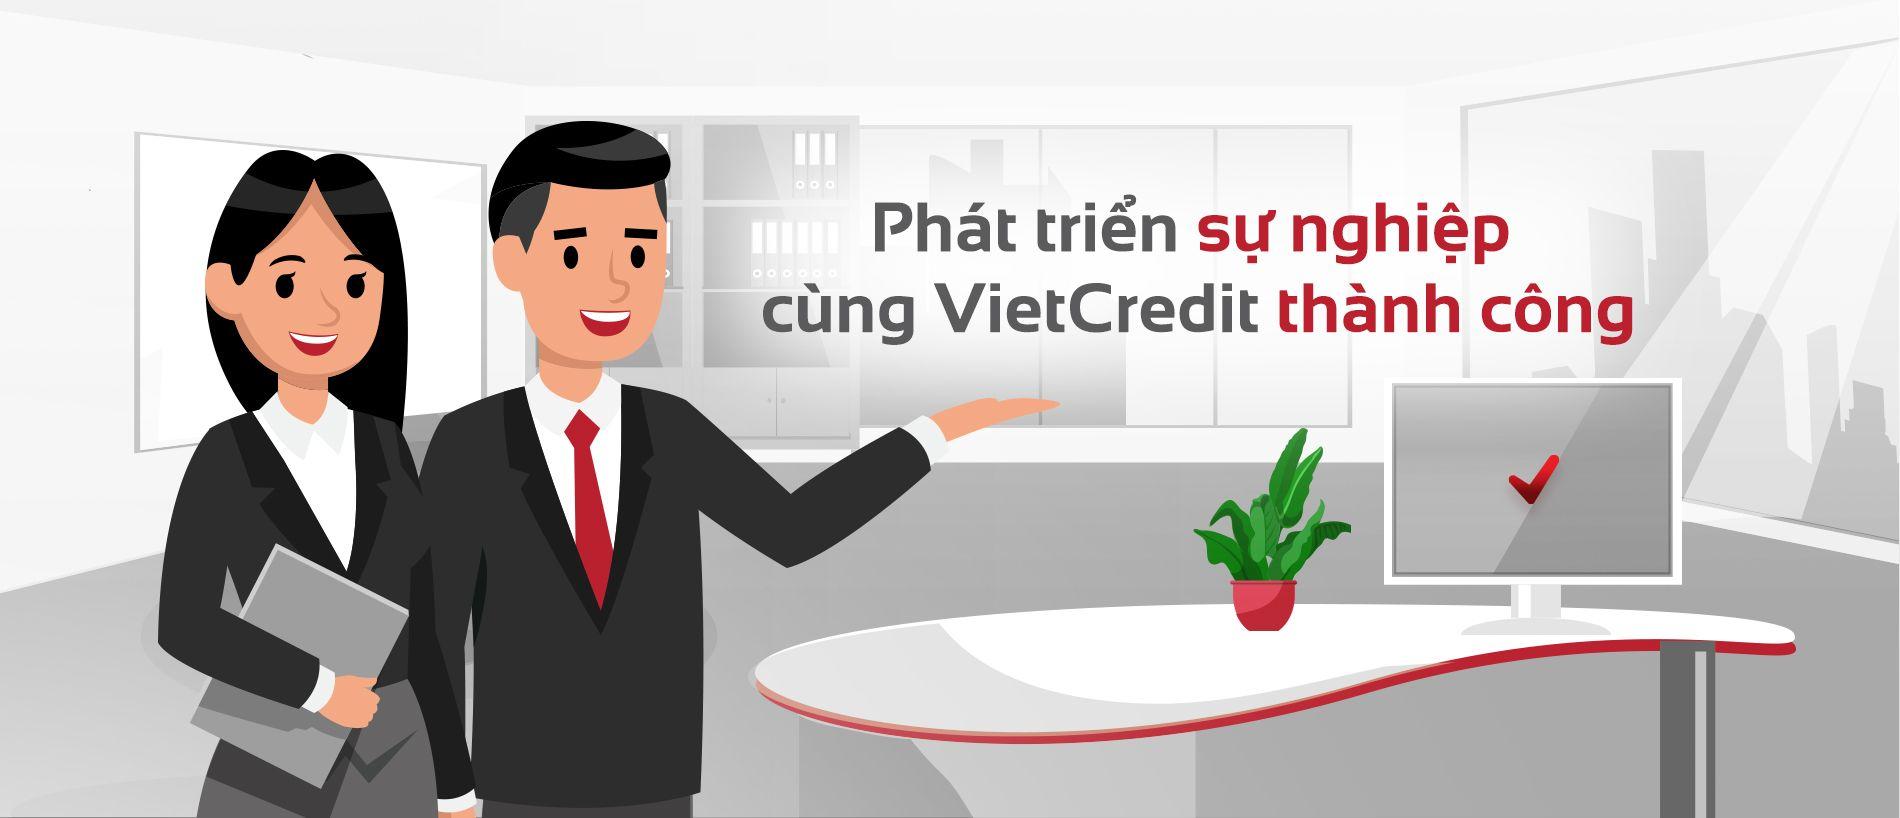 Chuyên viên Đào tạo và Quản lý chất lượng cuộc gọi Thu hồi nợ